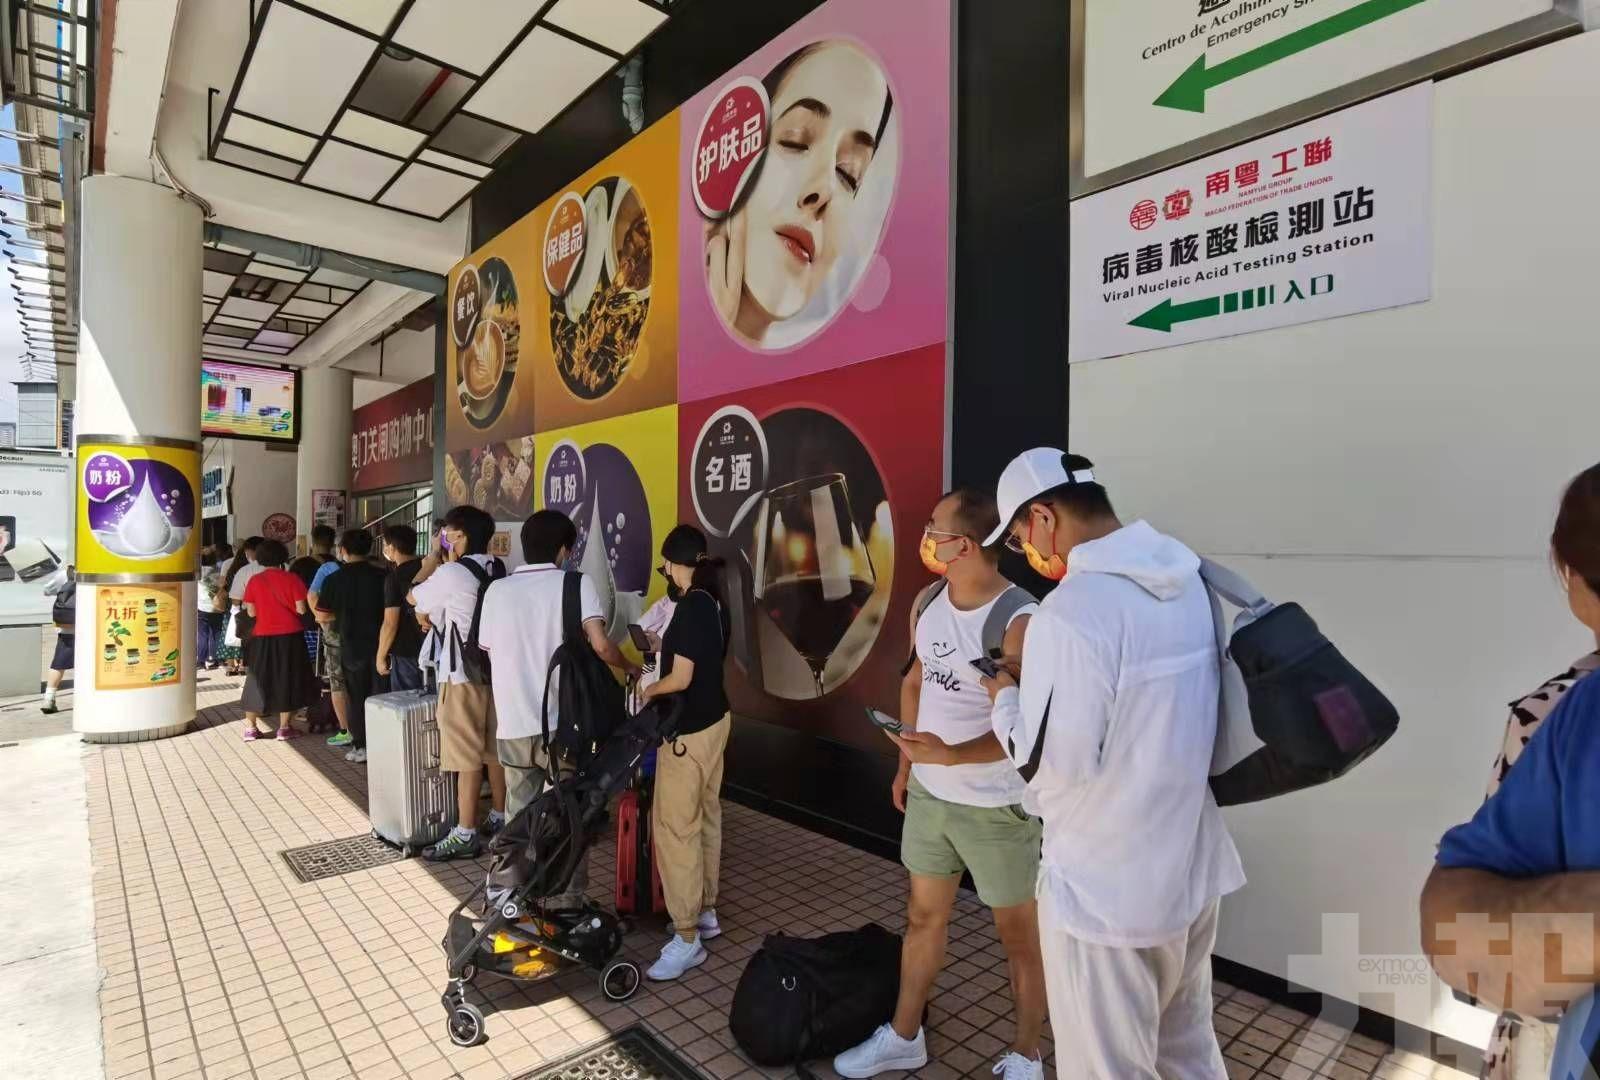 旅客外僱排隊工人球場核檢 有人等候超過兩小時